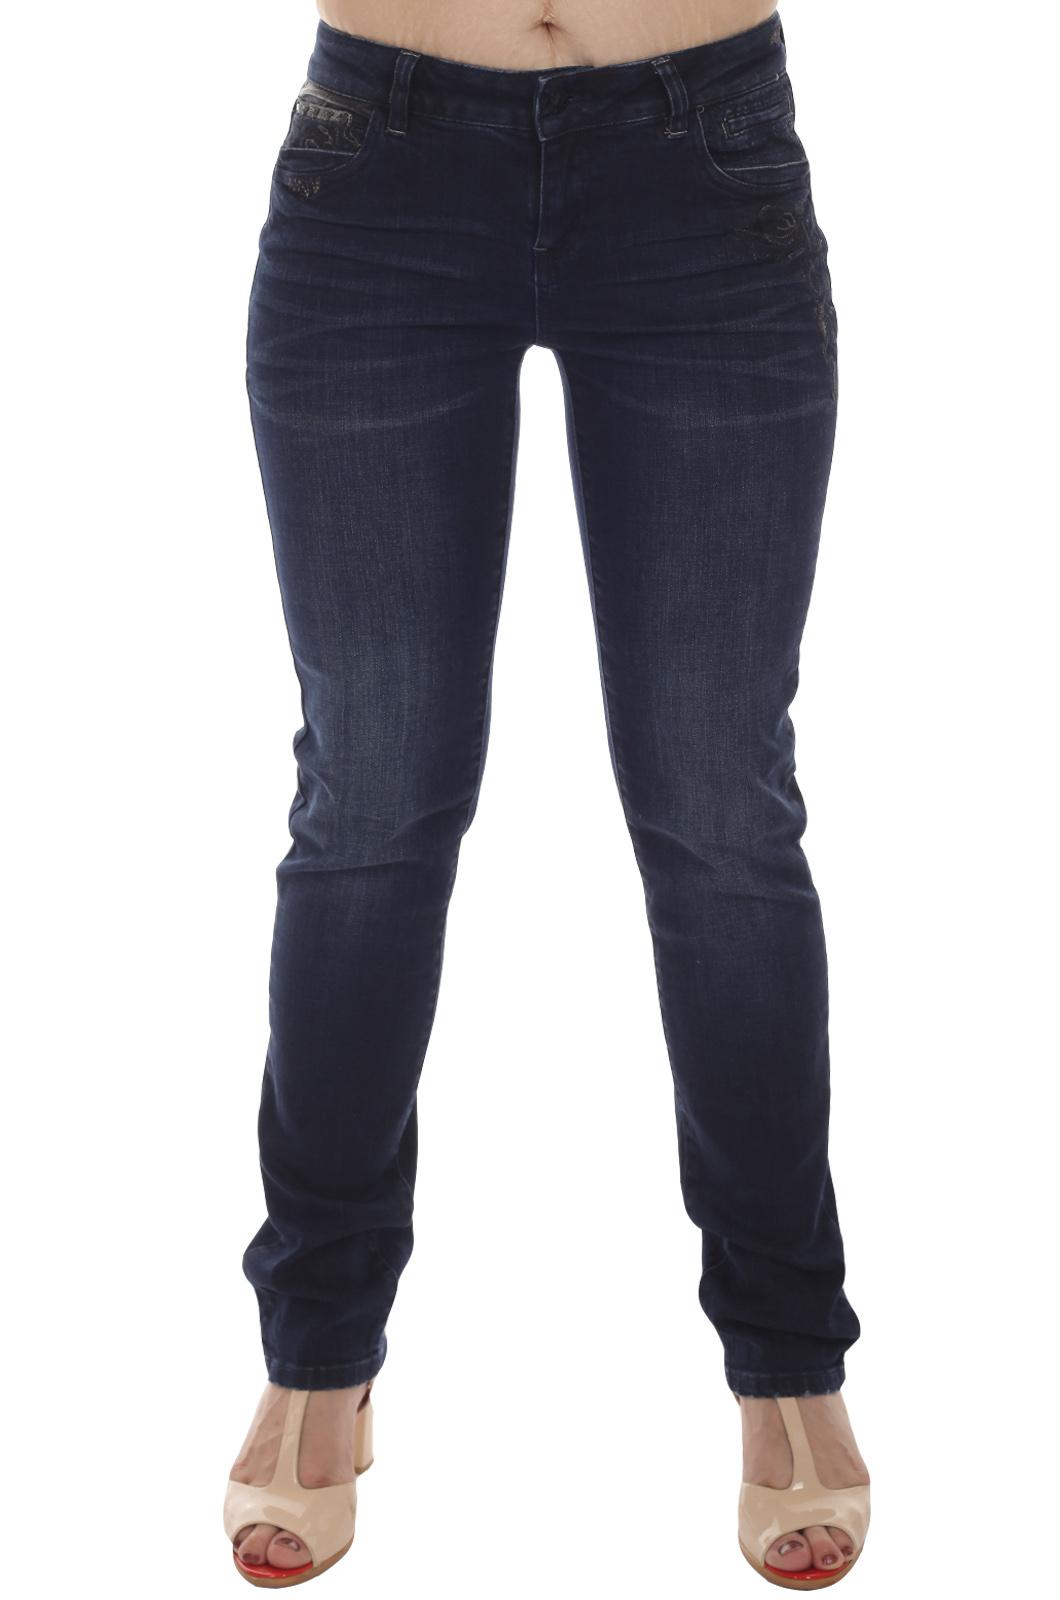 Купить недорогие женские джинсы от бренда L.M.V.